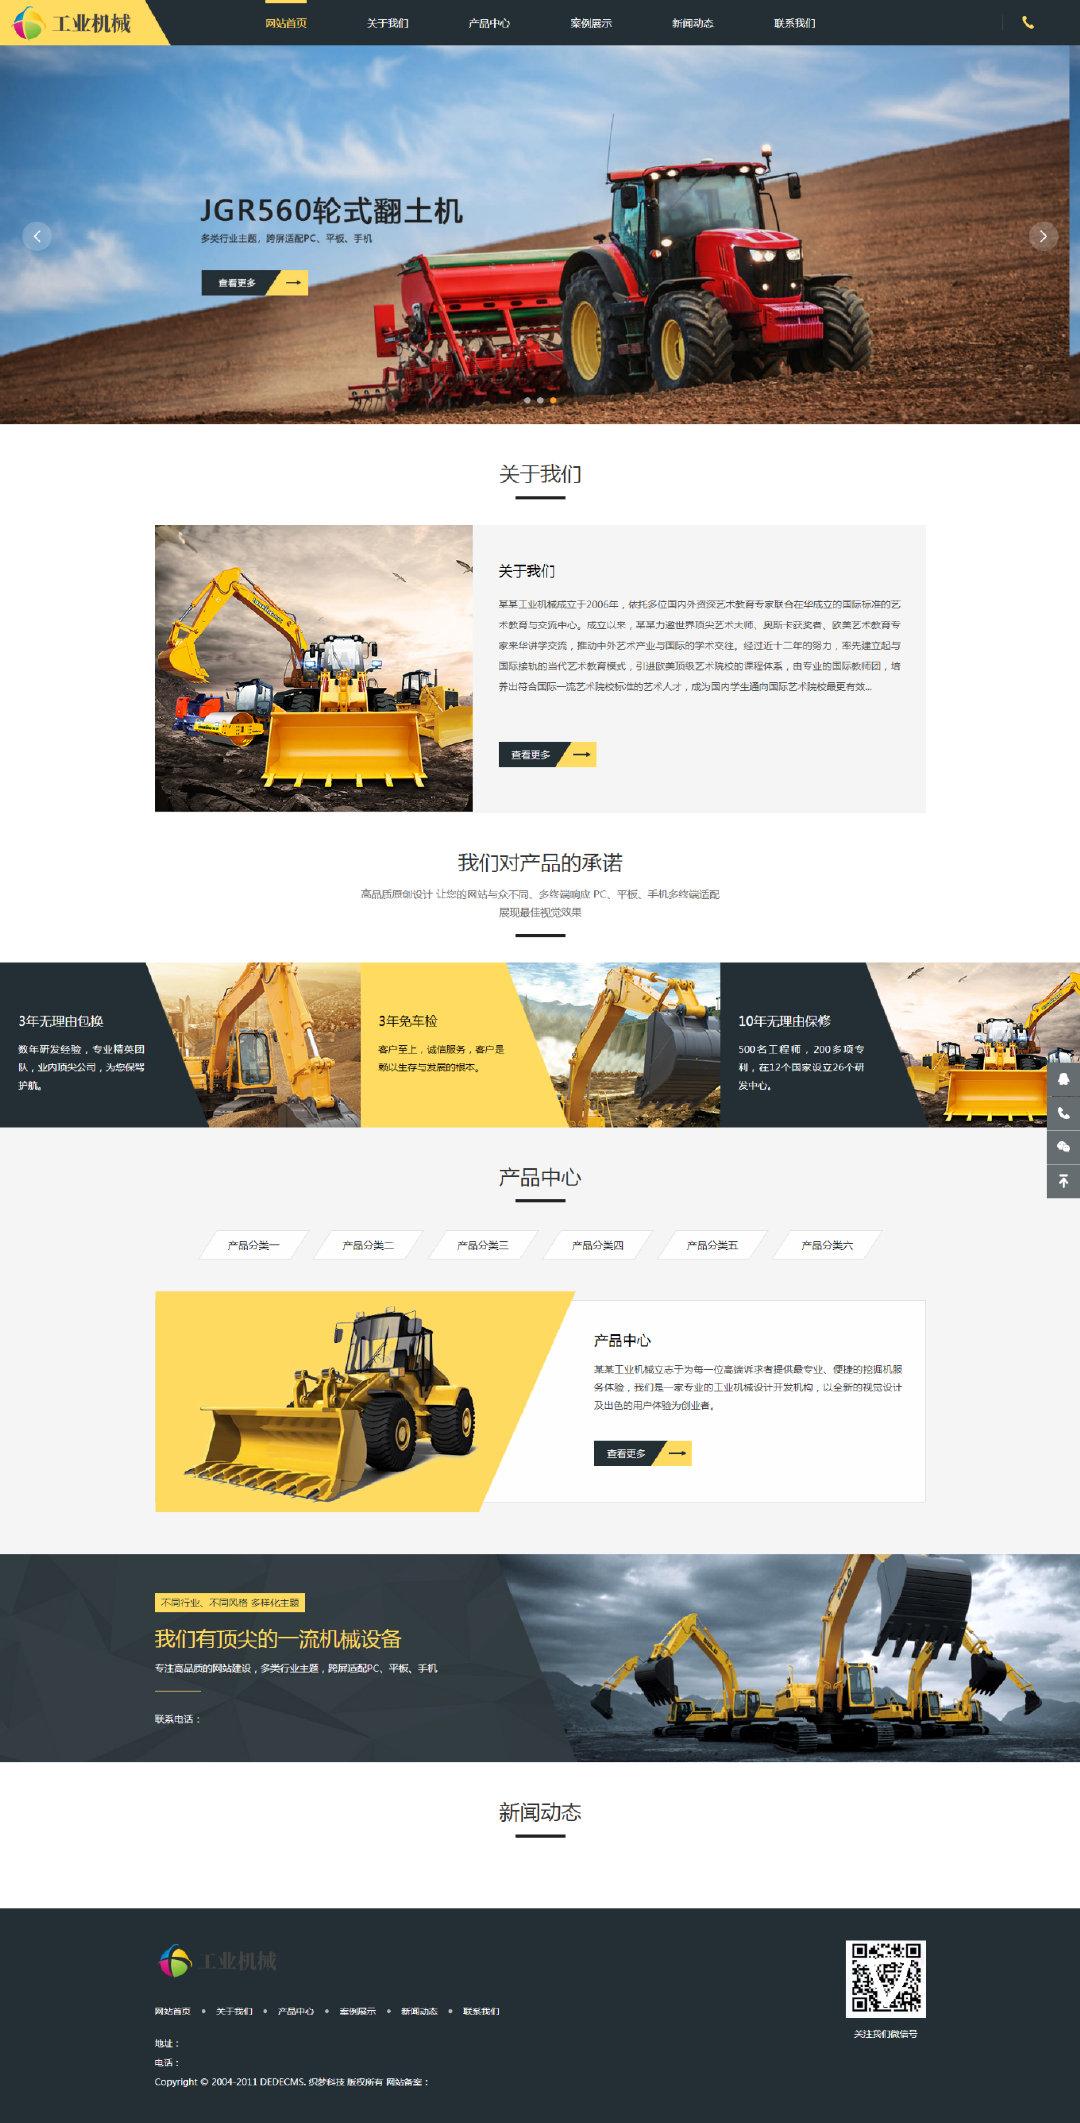 工业机械类企业官网织梦模板源码小辉资源网图片